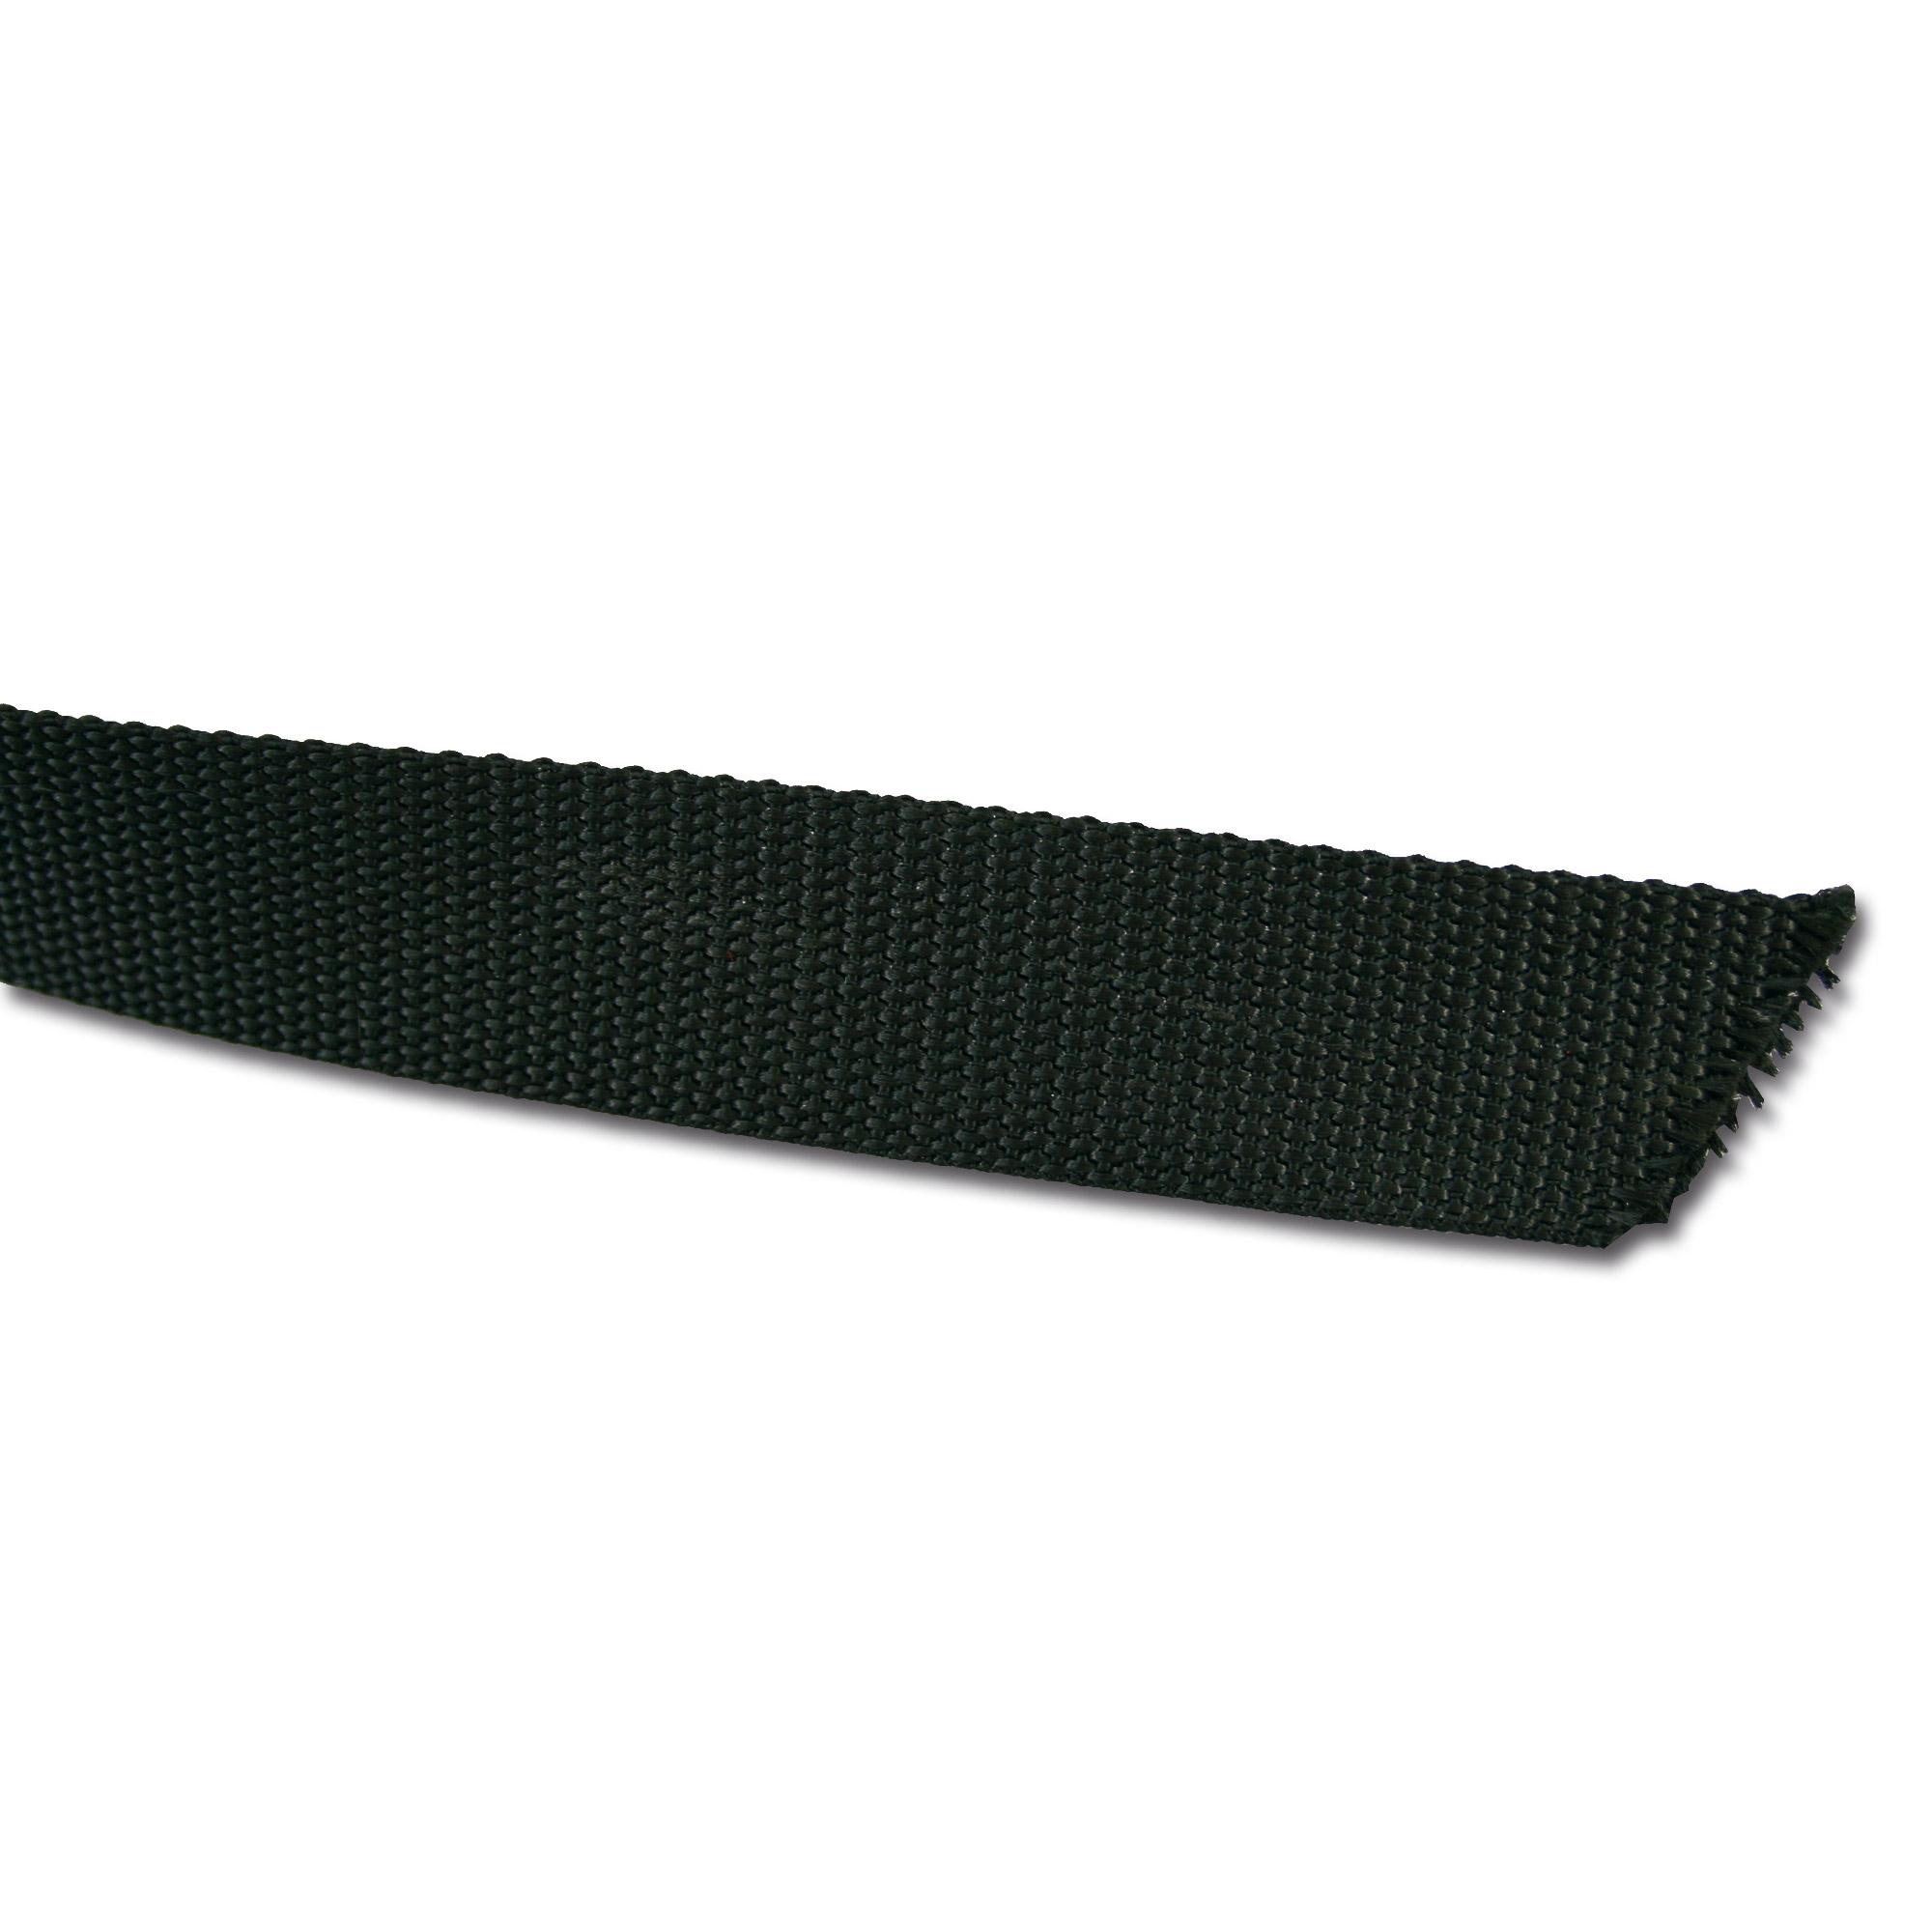 U.S. 30 mm Weaved Band Bulk black